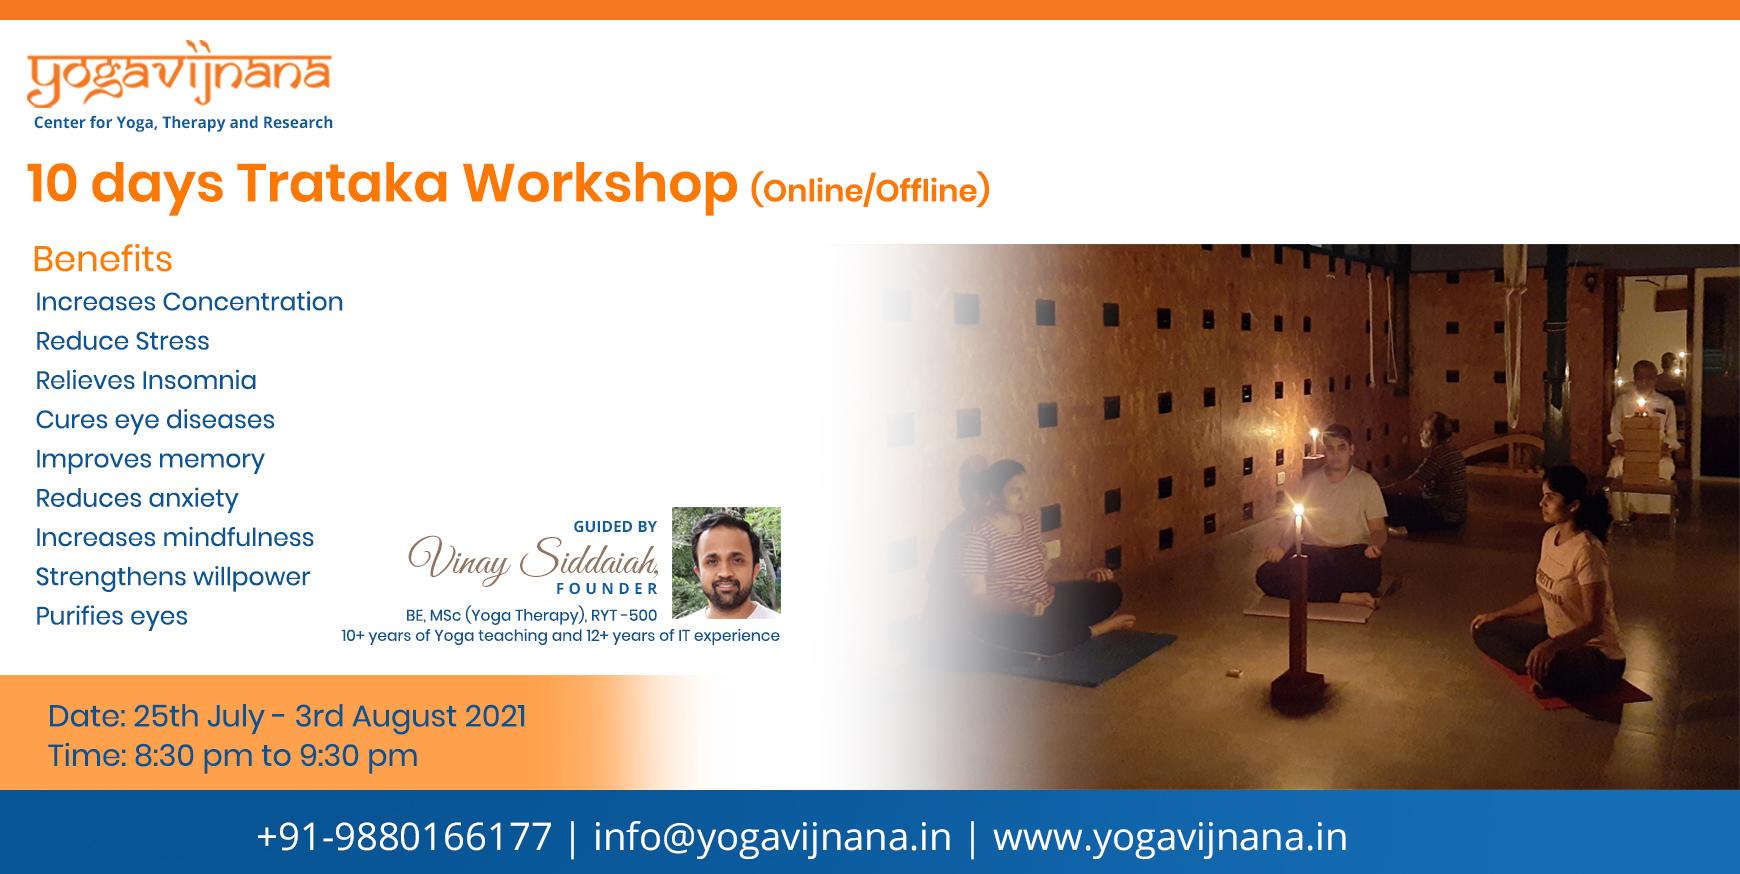 Trataka Workshop by Vinay Siddaiah